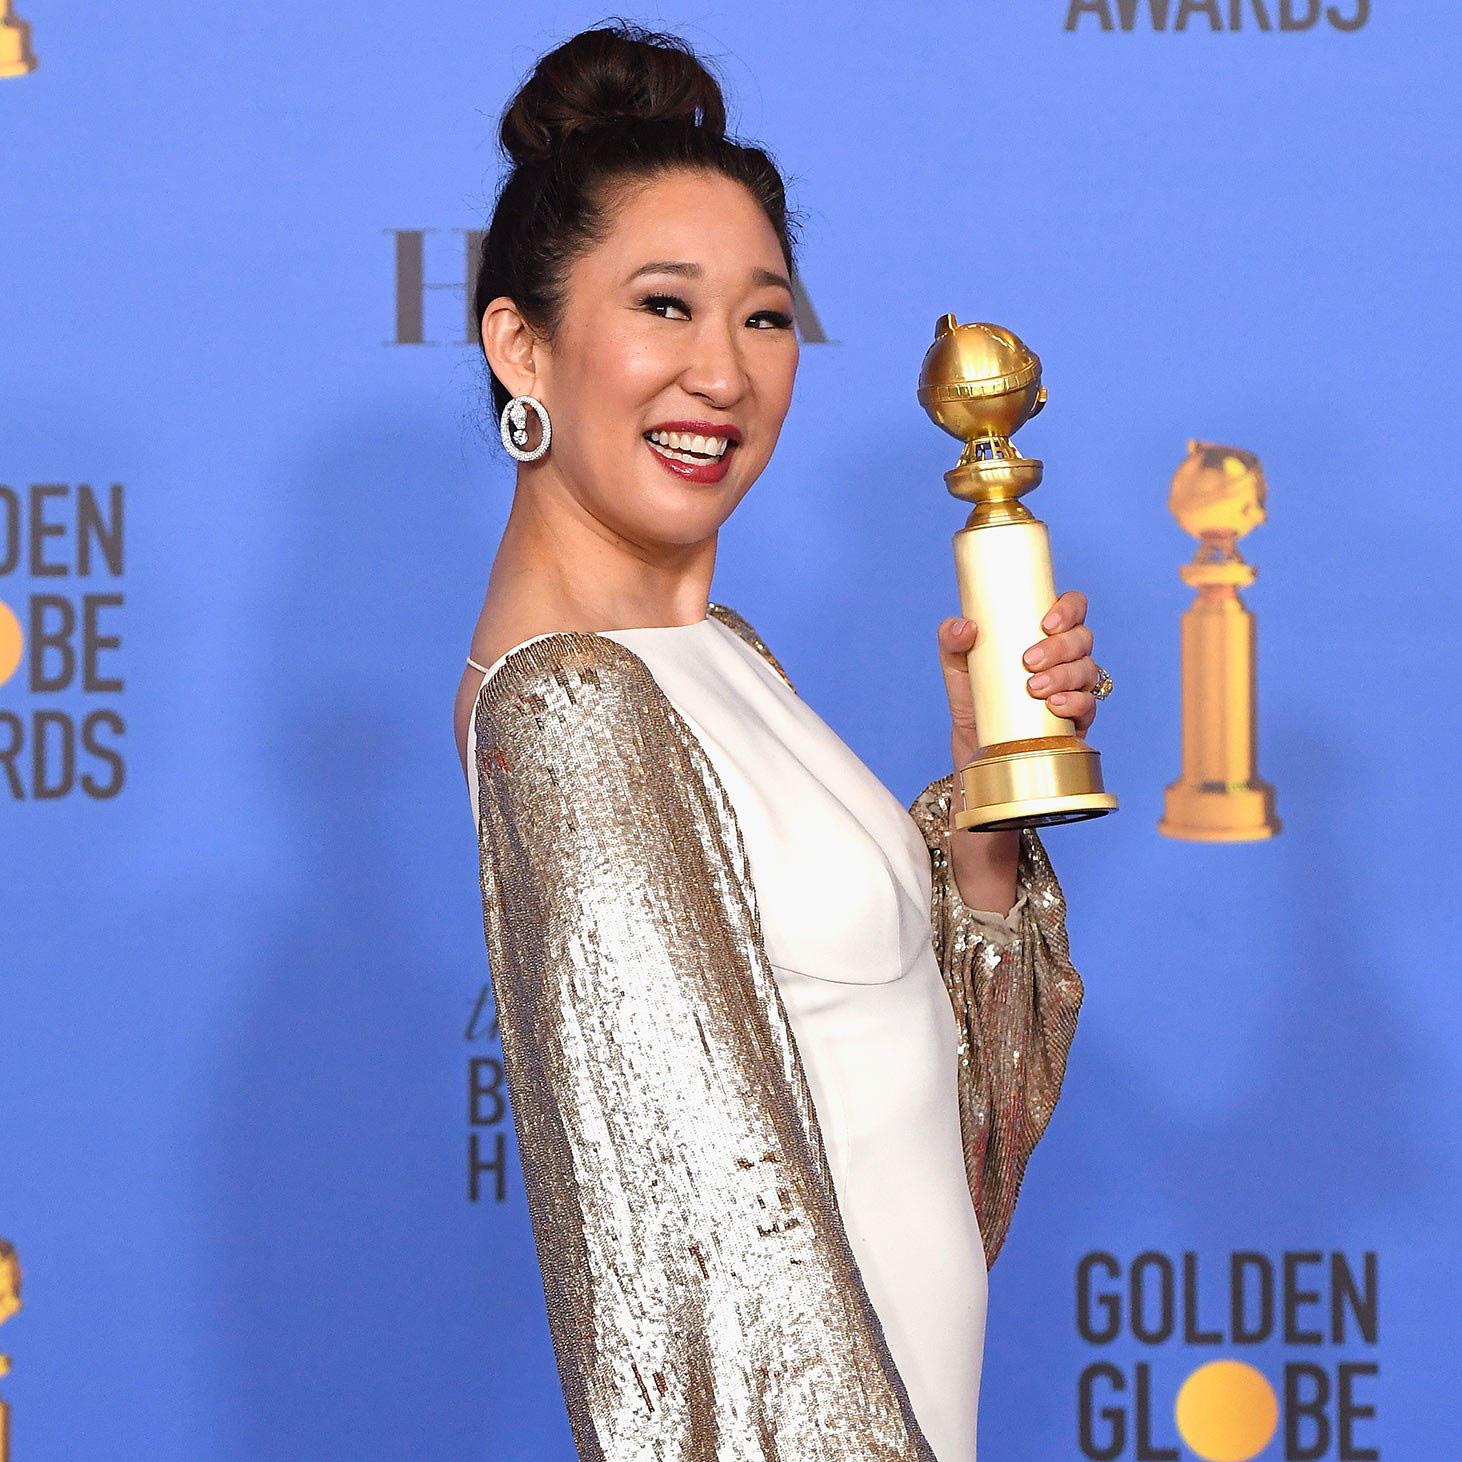 Sandra Oh - niềm kiêu hãnh của điện ảnh châu Á tại Hollywood, lộng lẫy trong một thiết kế của NTK Công Trí - Ảnh 4.